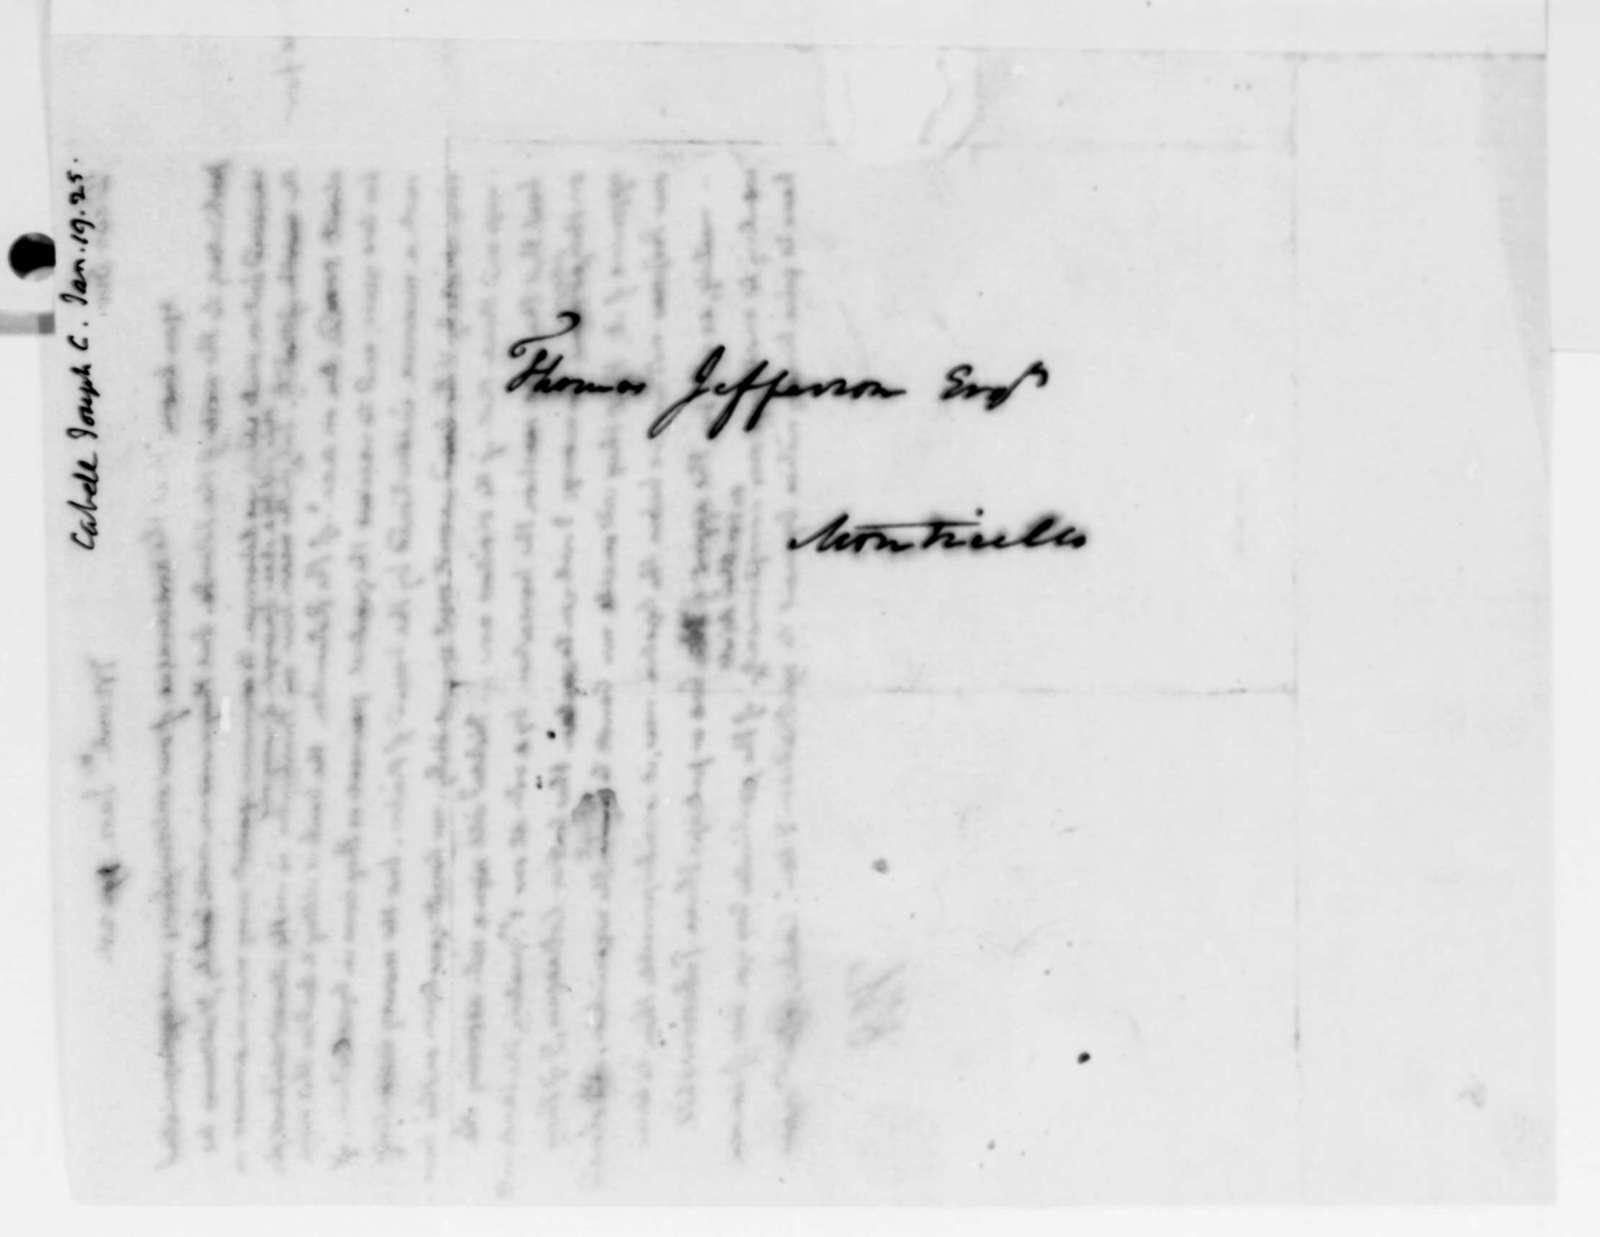 Thomas Jefferson to Joseph C. Cabell, January 19, 1825